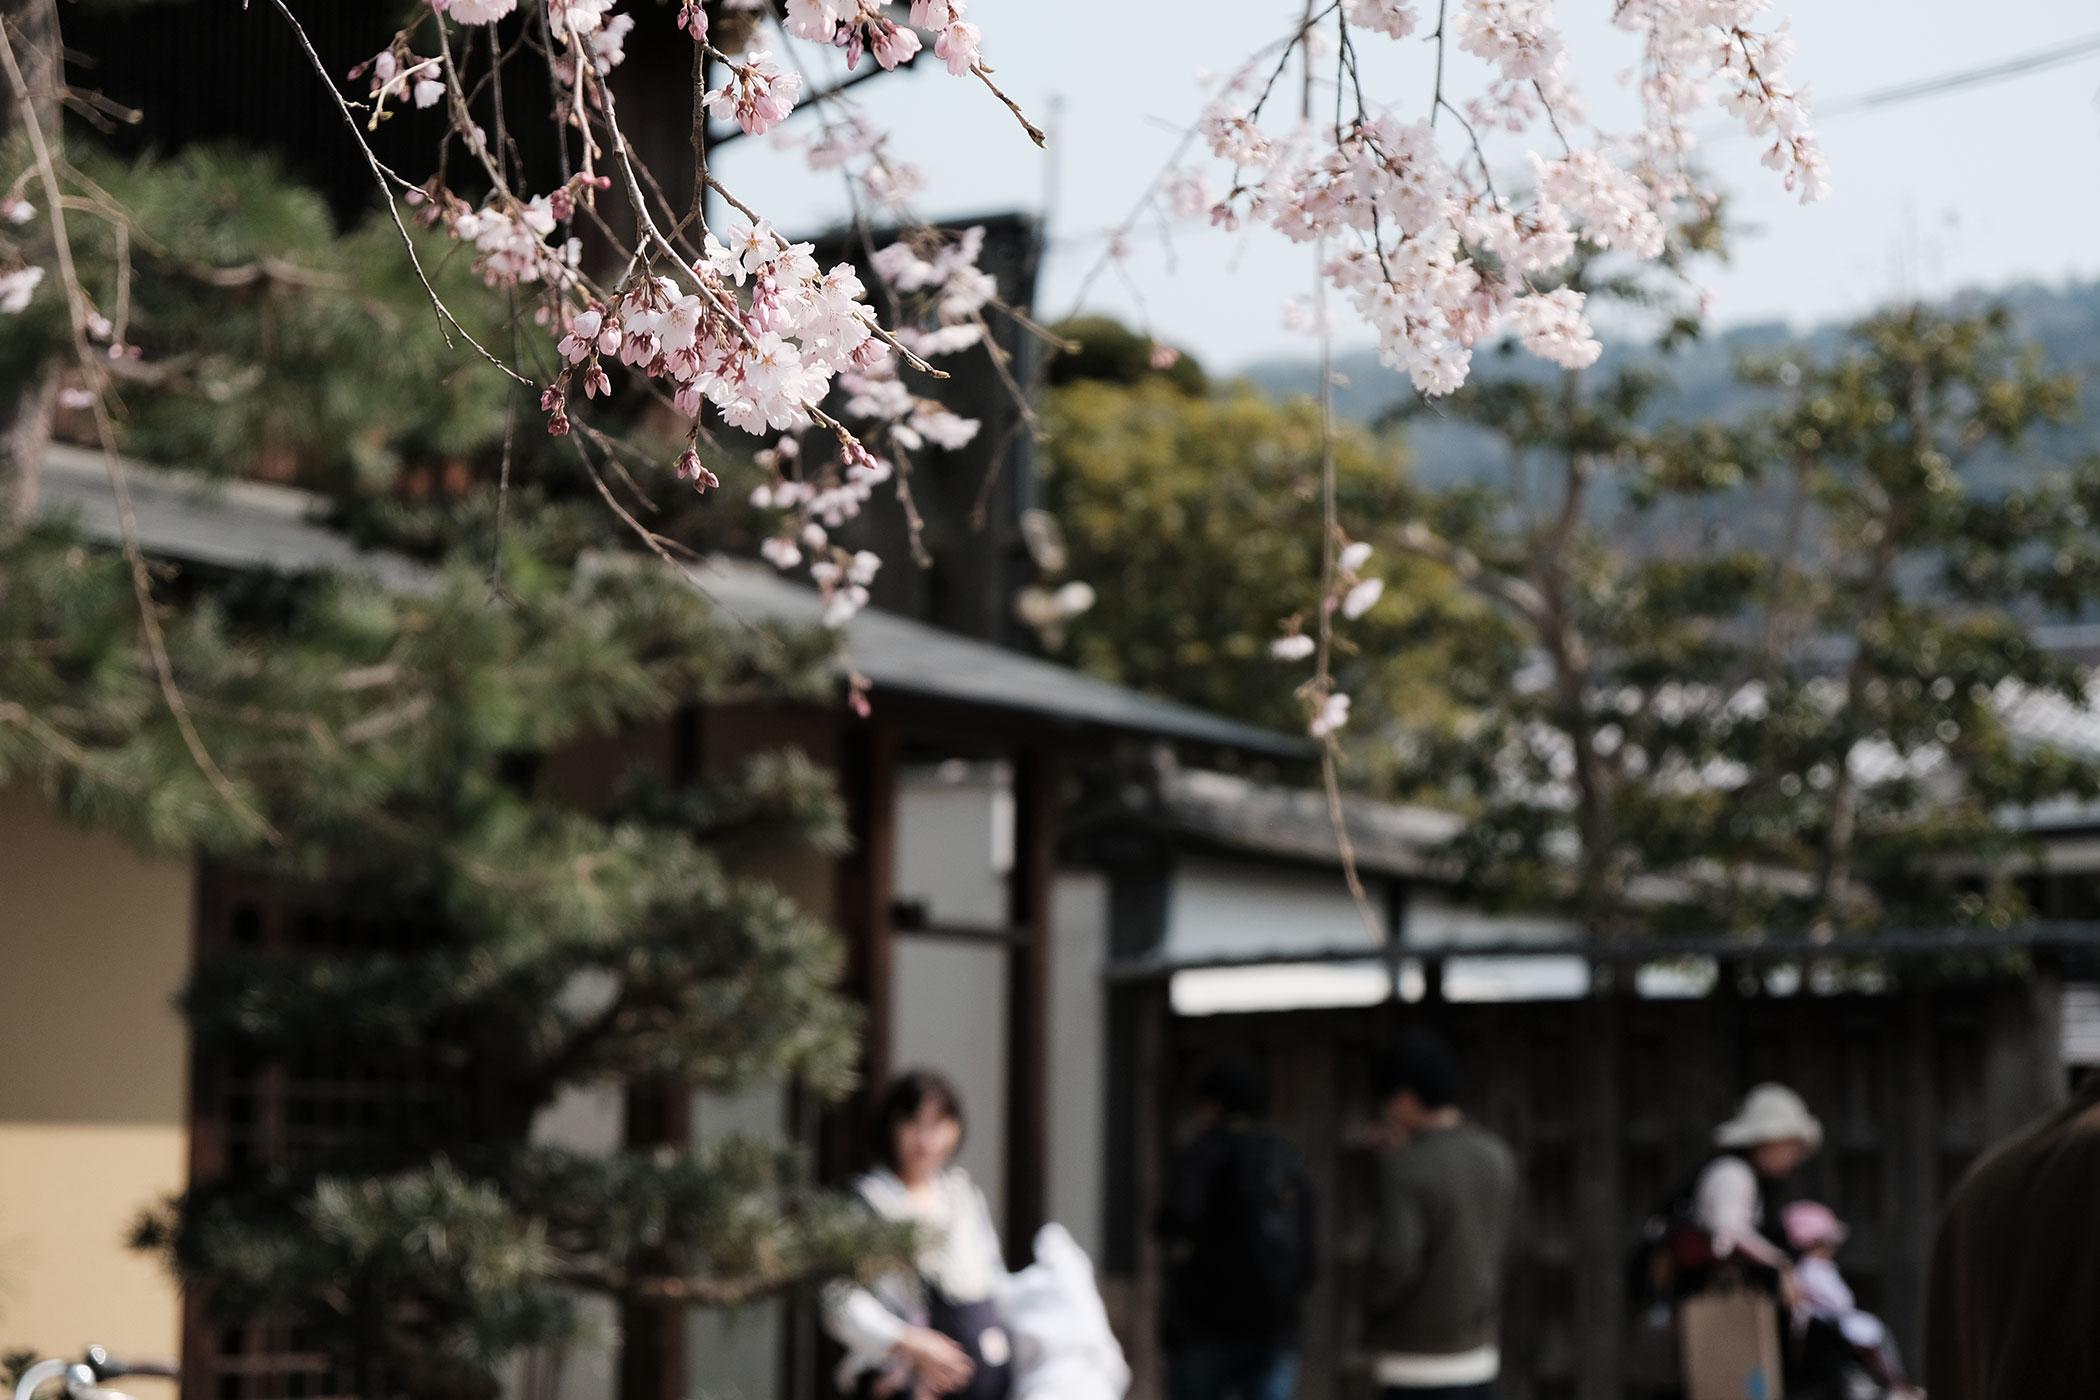 待望の初出店!ブルーボトルコーヒーの関西第一号は京都の南禅寺に ブルーボトルコーヒー 京都カフェ (BLUE BOTTLE COFFEE KYOTO) 桜